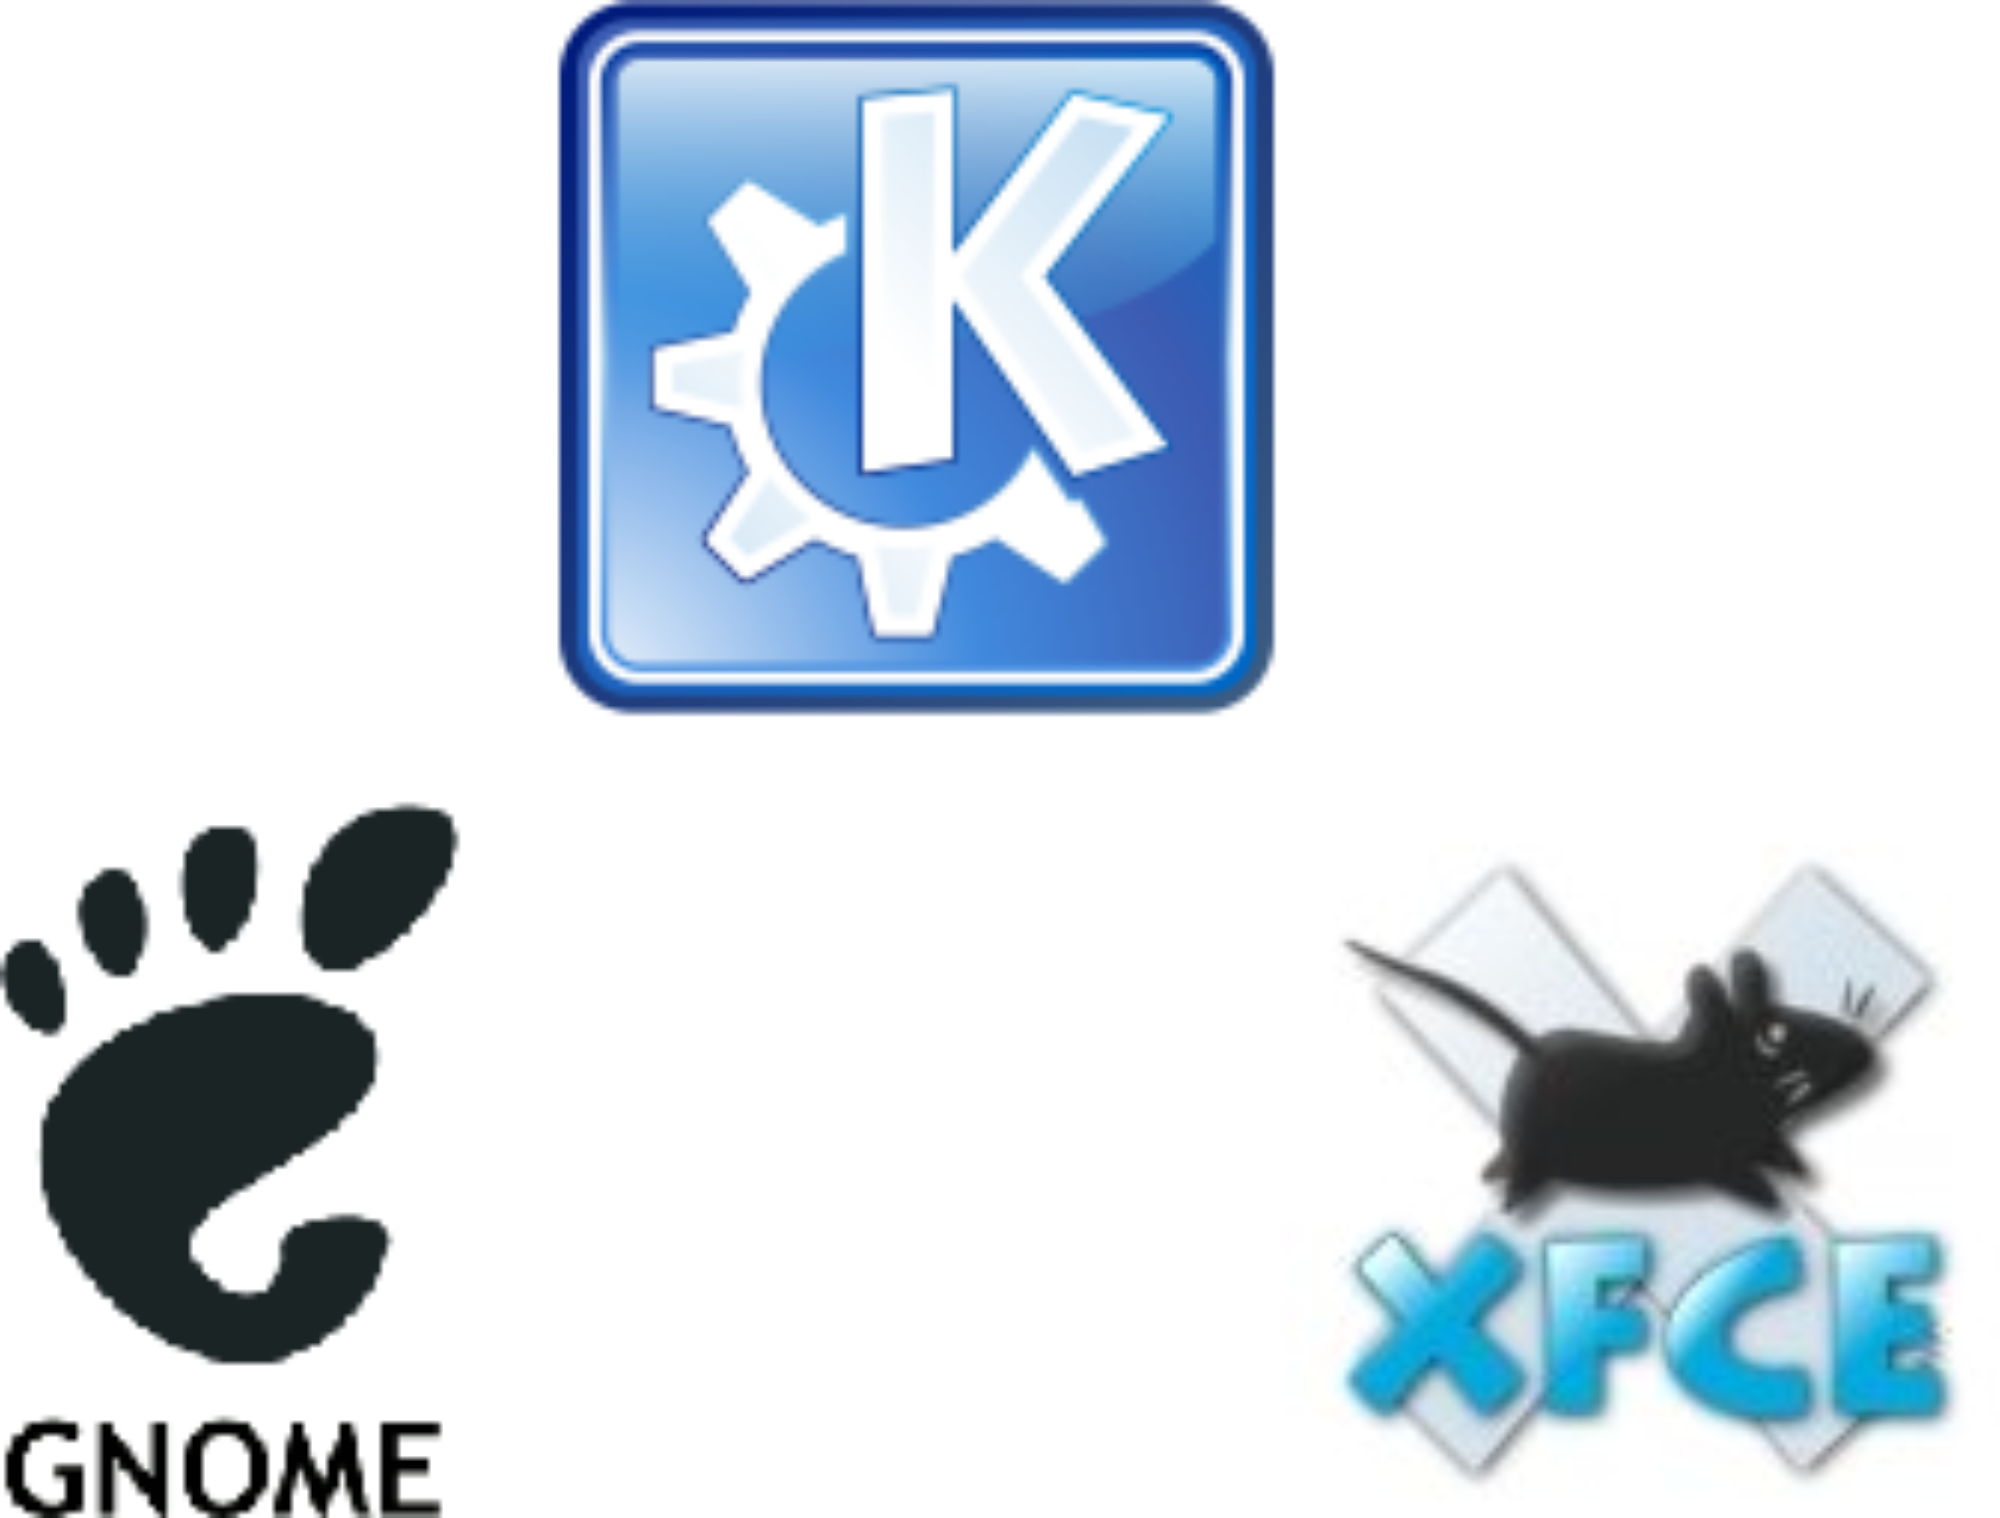 Tre populære skrivebordsmiljø til Linux - KDE, Gnome og XFCE.